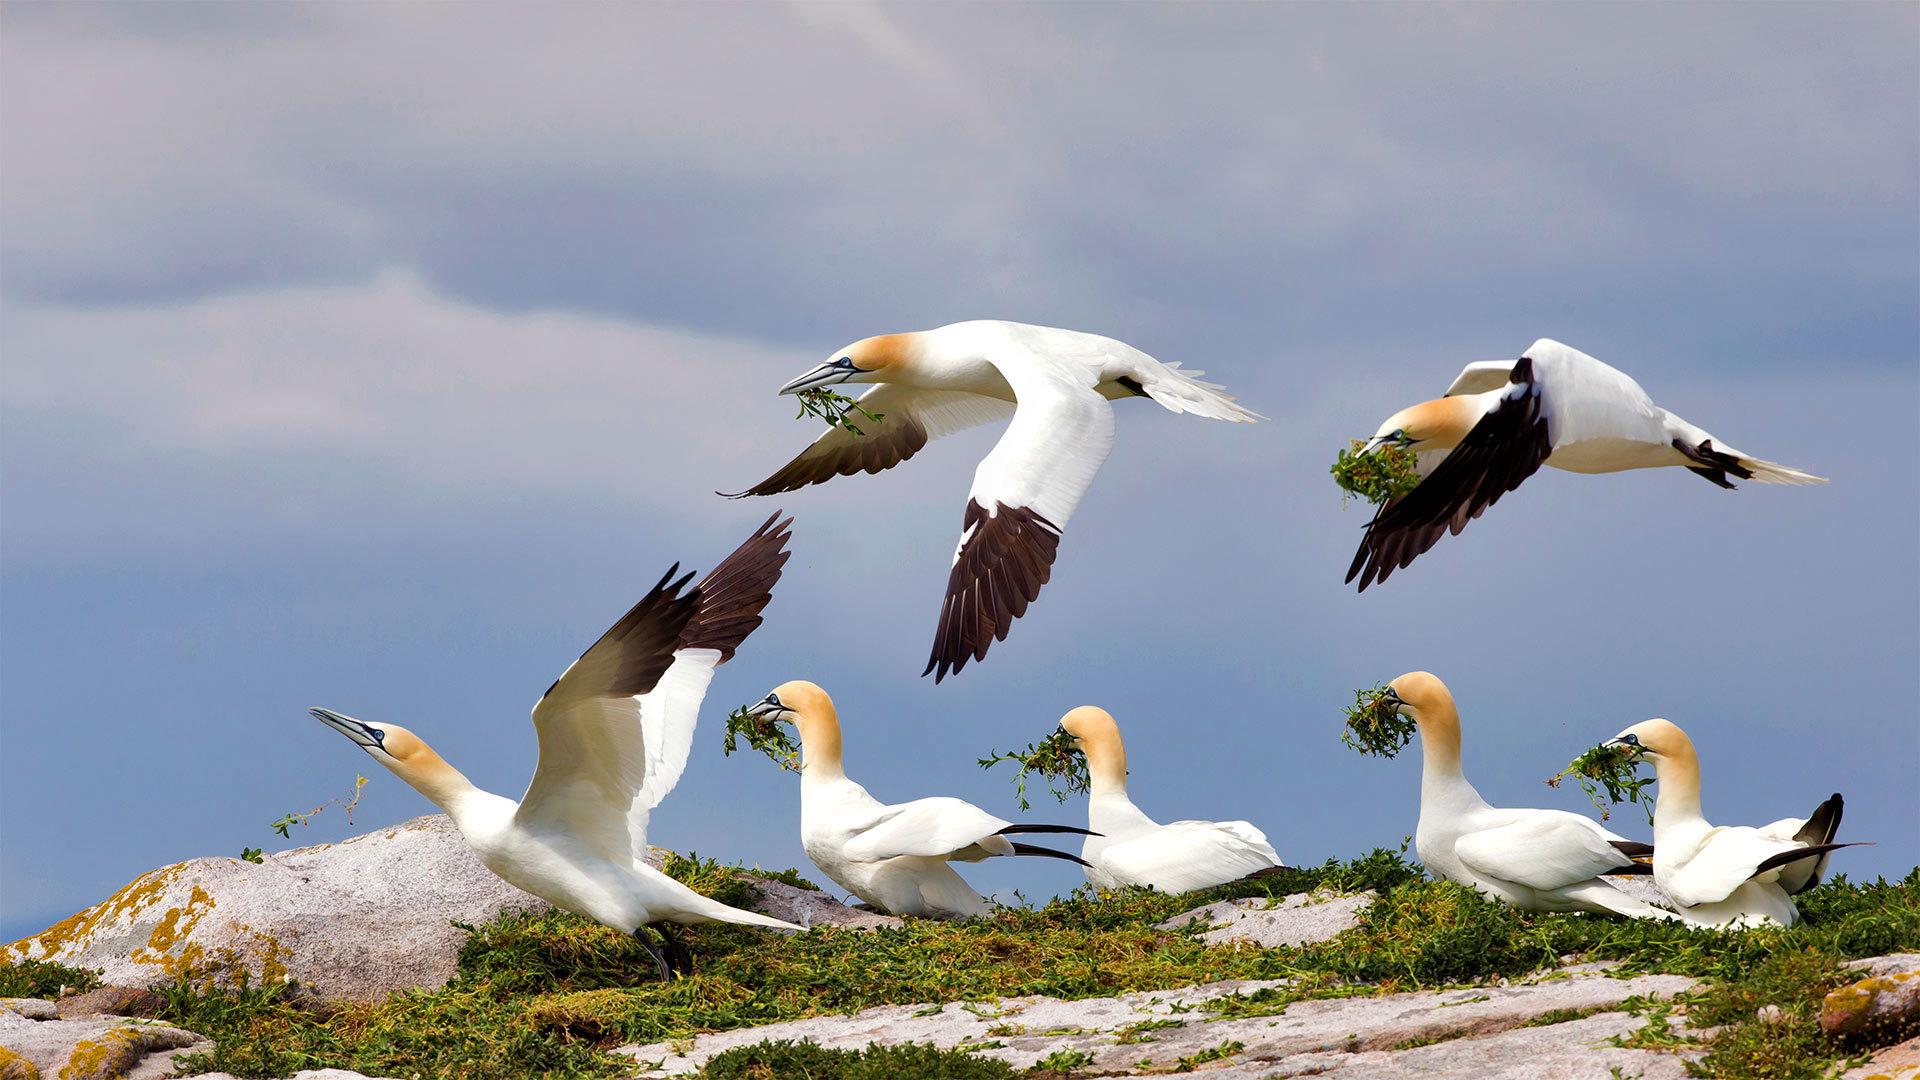 大萨尔提岛上的北方塘鹅塘鹅